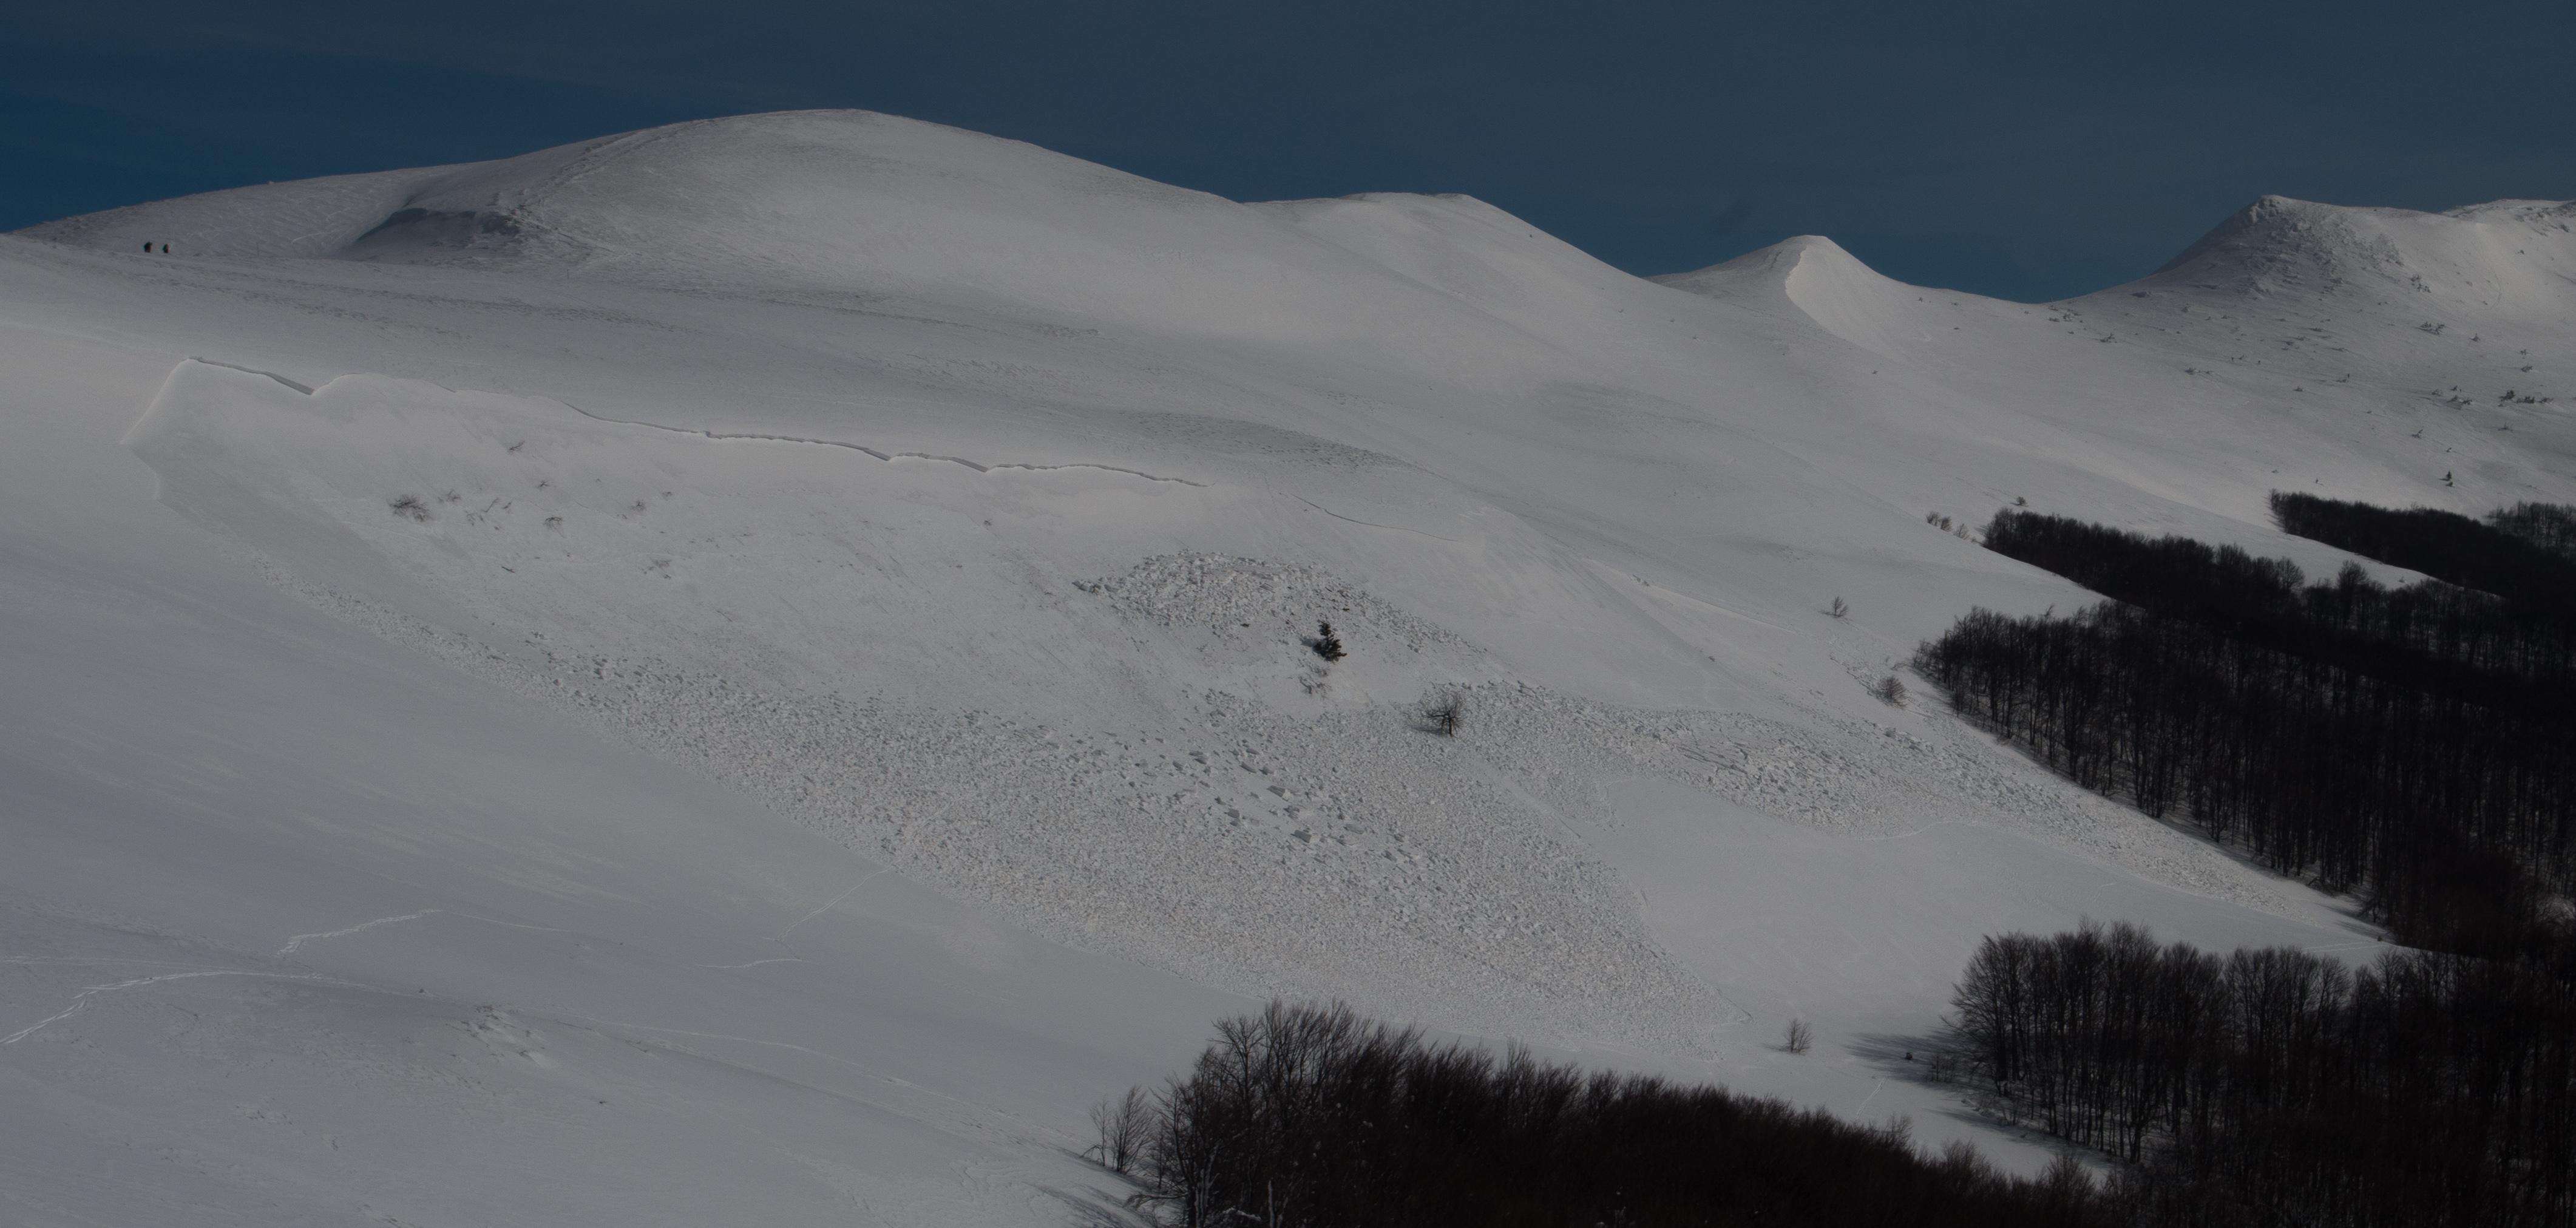 Charakterystyczna dla Bieszczad lawina o szerokim, ponad 400 m, obrywie; Szeroki Wierch, Bieszczady.